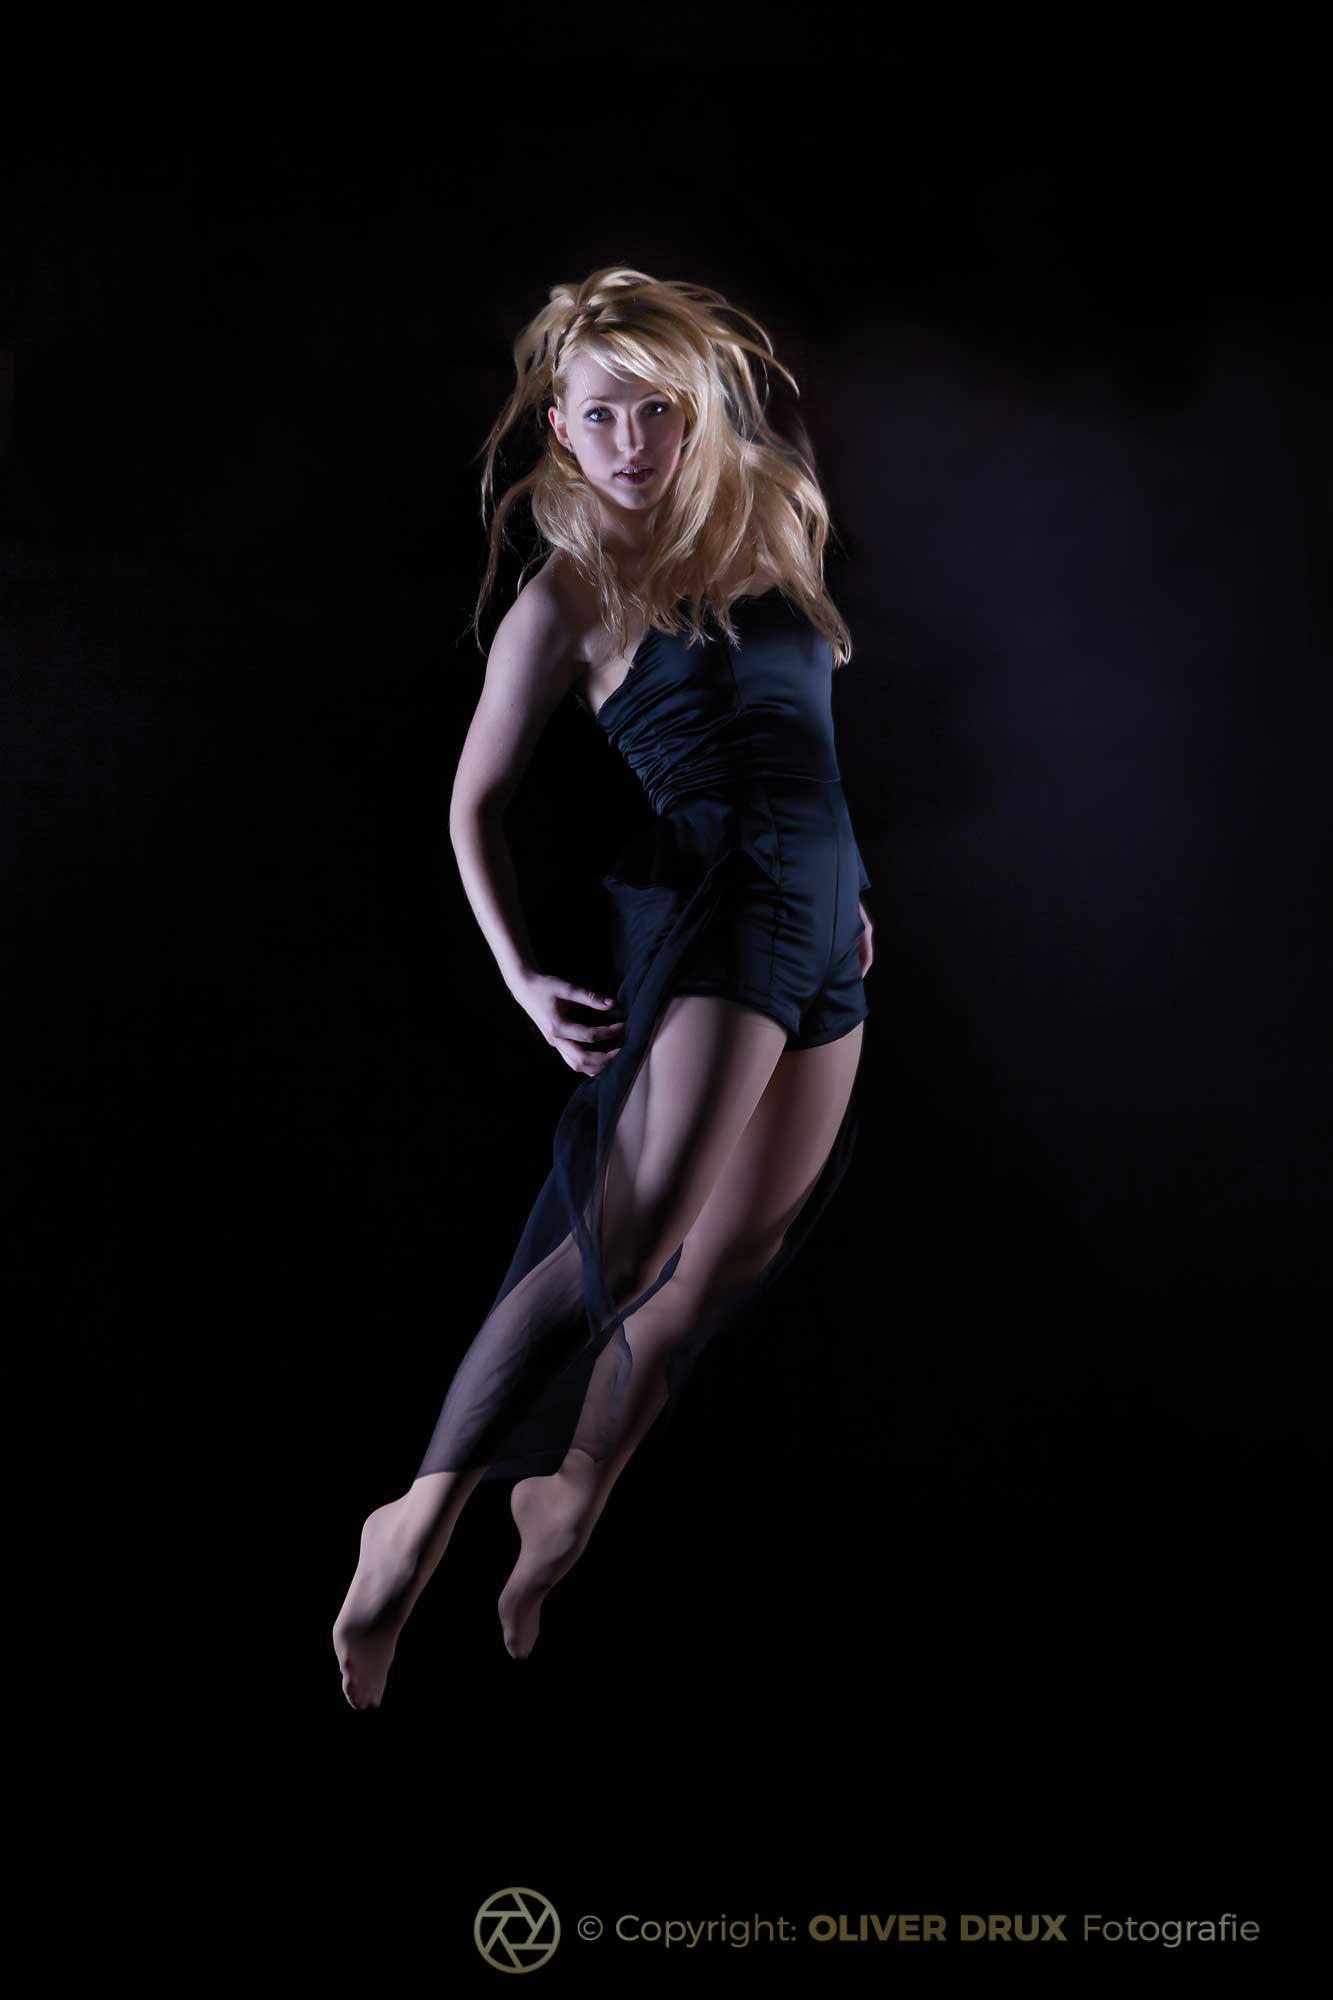 Augenblicke - Portrait und Bewegung